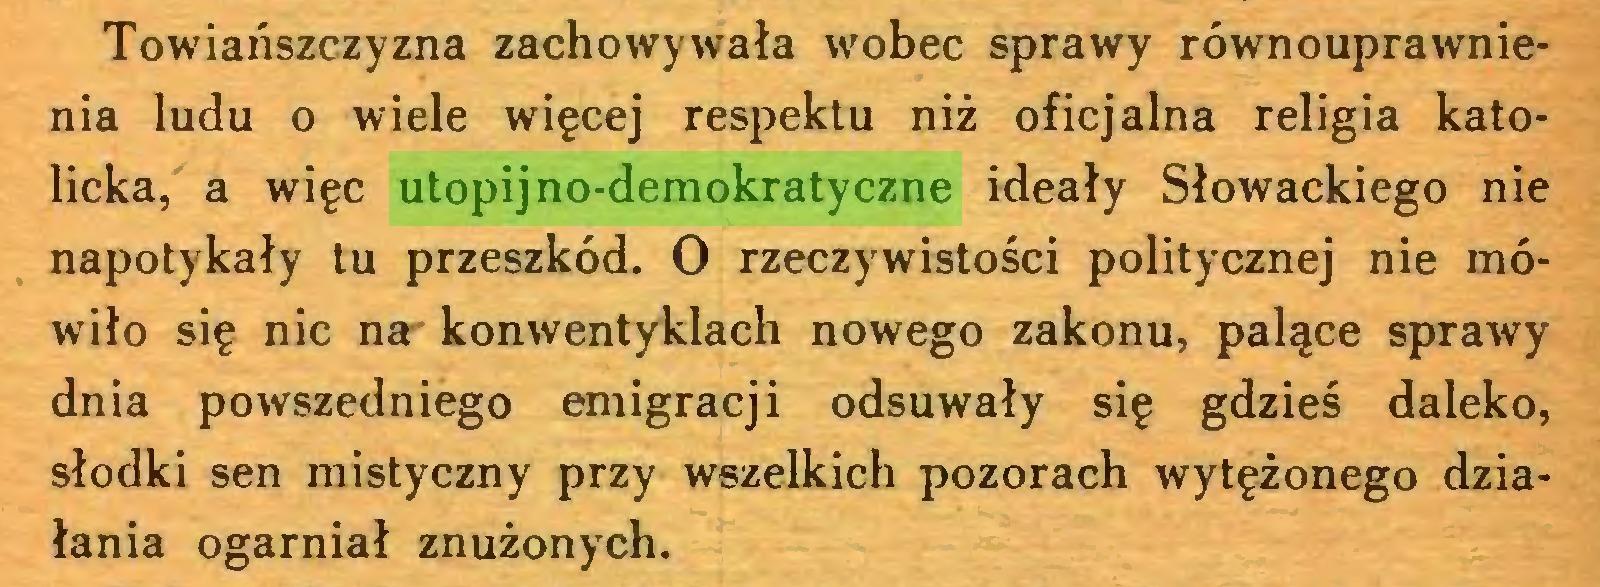 (...) Towiańszczyzna zachowywała wobec sprawy równouprawnienia ludu o wiele więcej respektu niż oficjalna religia katolicka, a więc utopijno-demokratyczne ideały Słowackiego nie napotykały tu przeszkód. O rzeczywistości politycznej nie mówiło się nic na' konwentyklach nowego zakonu, palące sprawy dnia powszedniego emigracji odsuwały się gdzieś daleko, słodki sen mistyczny przy wszelkich pozorach wytężonego działania ogarniał znużonych...